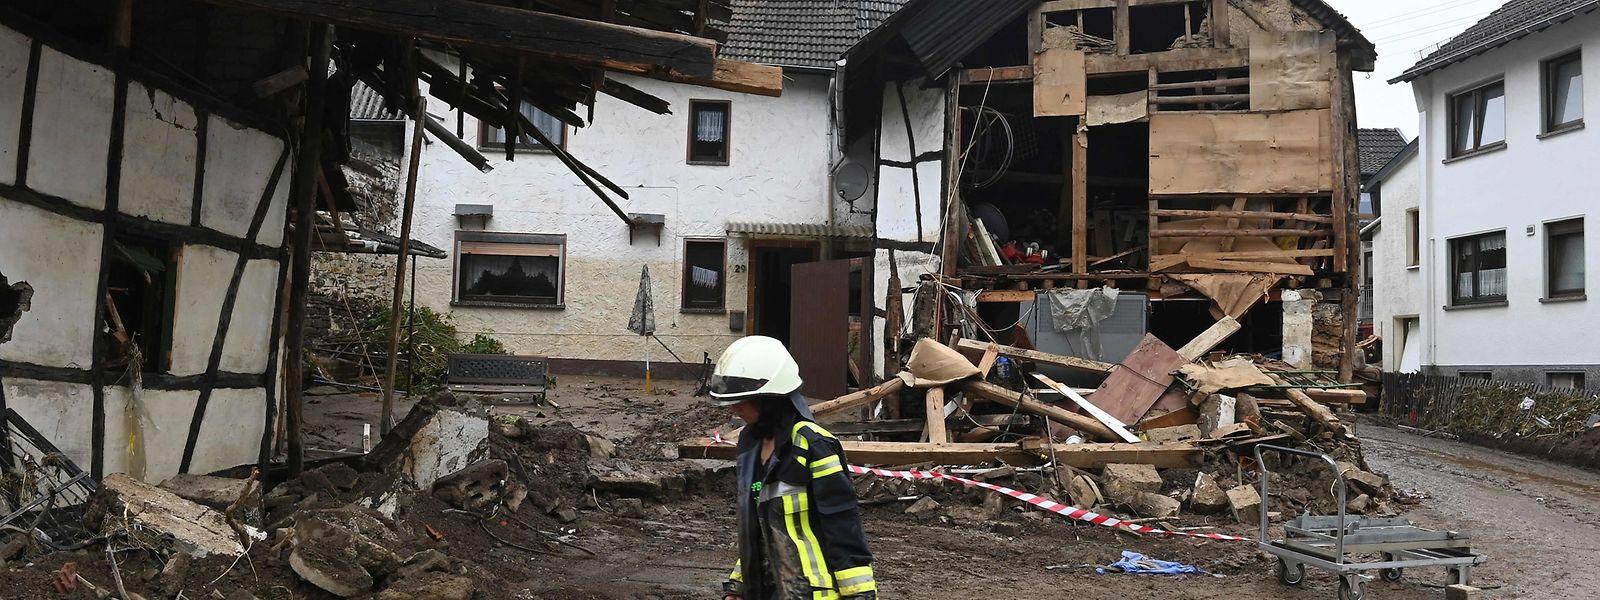 Zerstörte Häuser und viele Tote: In Deutschland wird das Ausmaß der Katastrophe sichtbar.